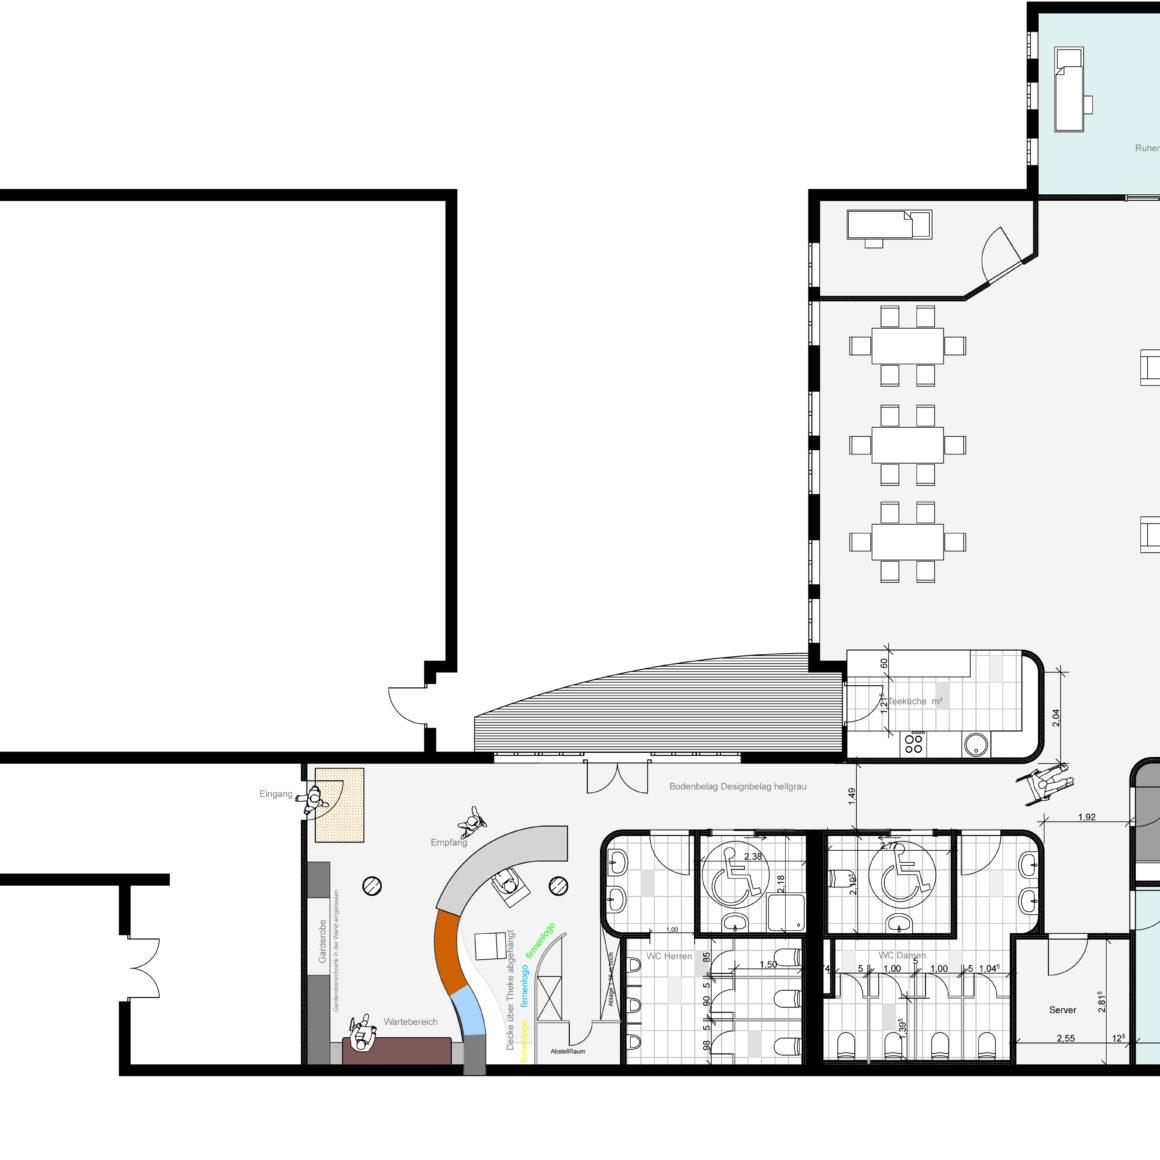 Umgestaltung eines Grundrisses einer Pflegeeinrichtung - Architekt Mannheim